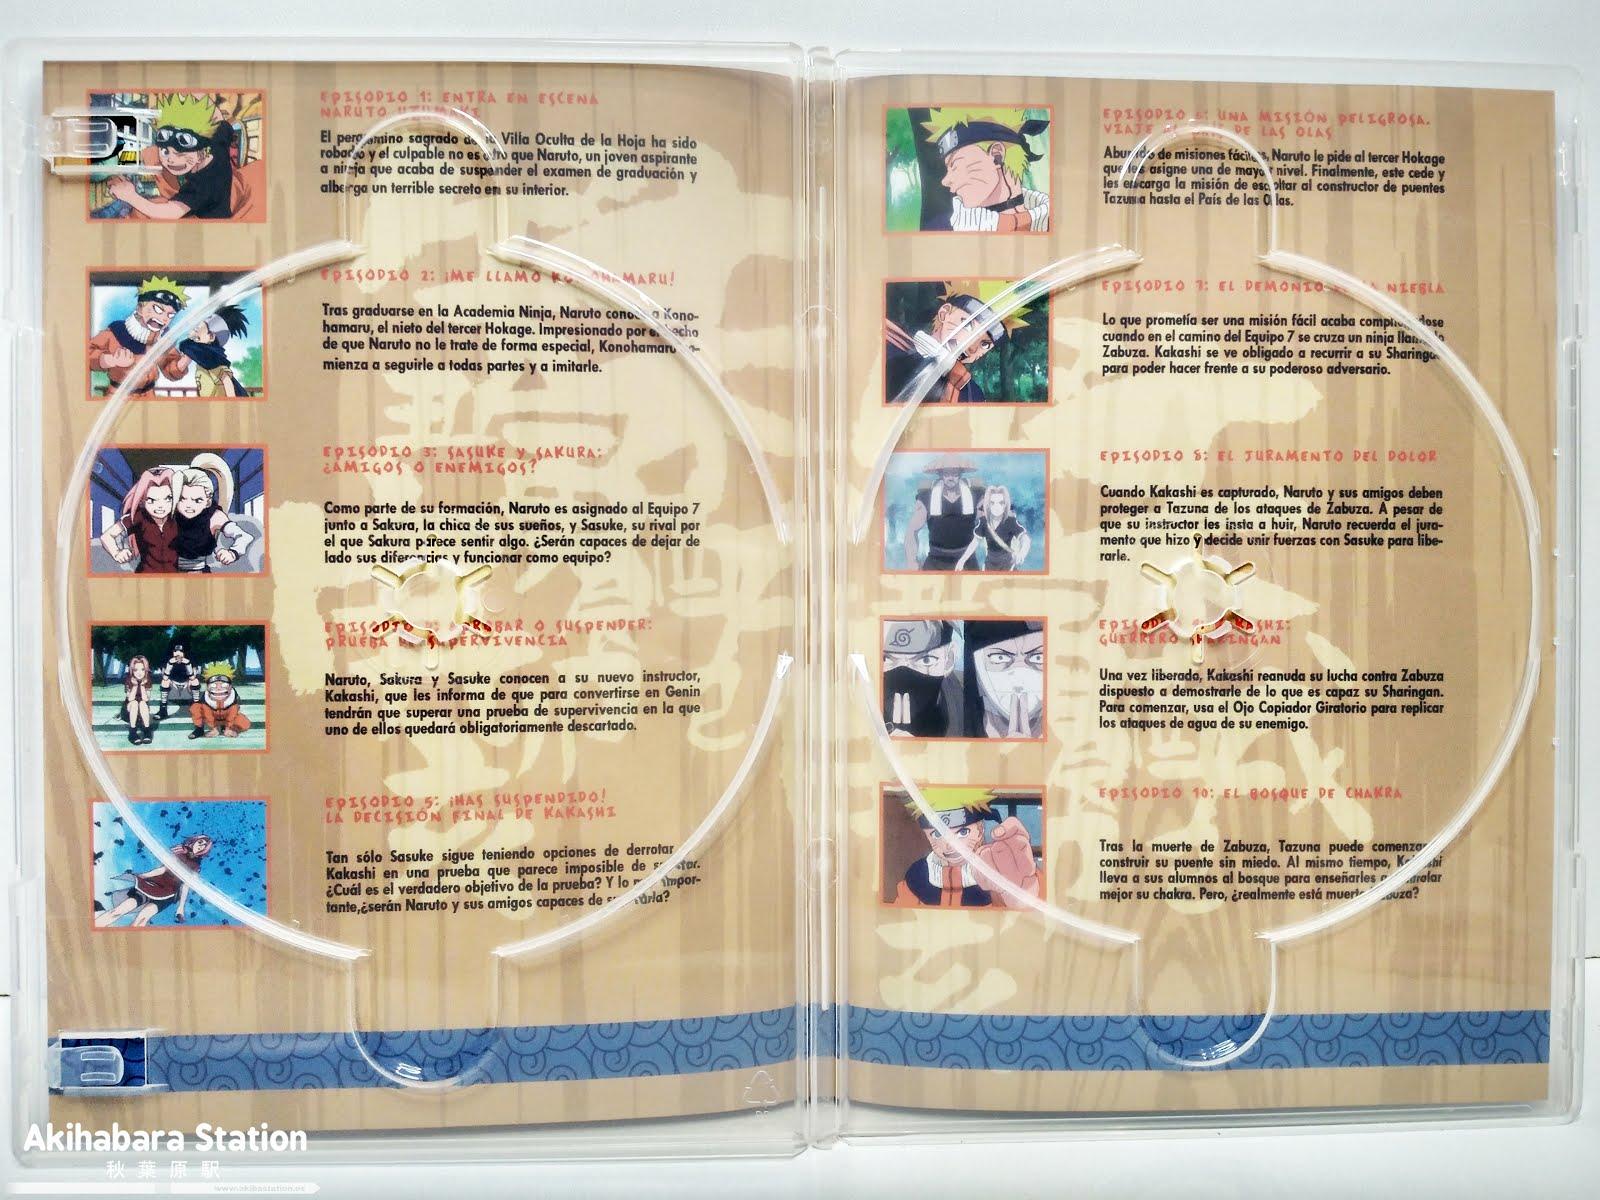 Reseña de Naruto DVD BOX 1 - SelectaVisión